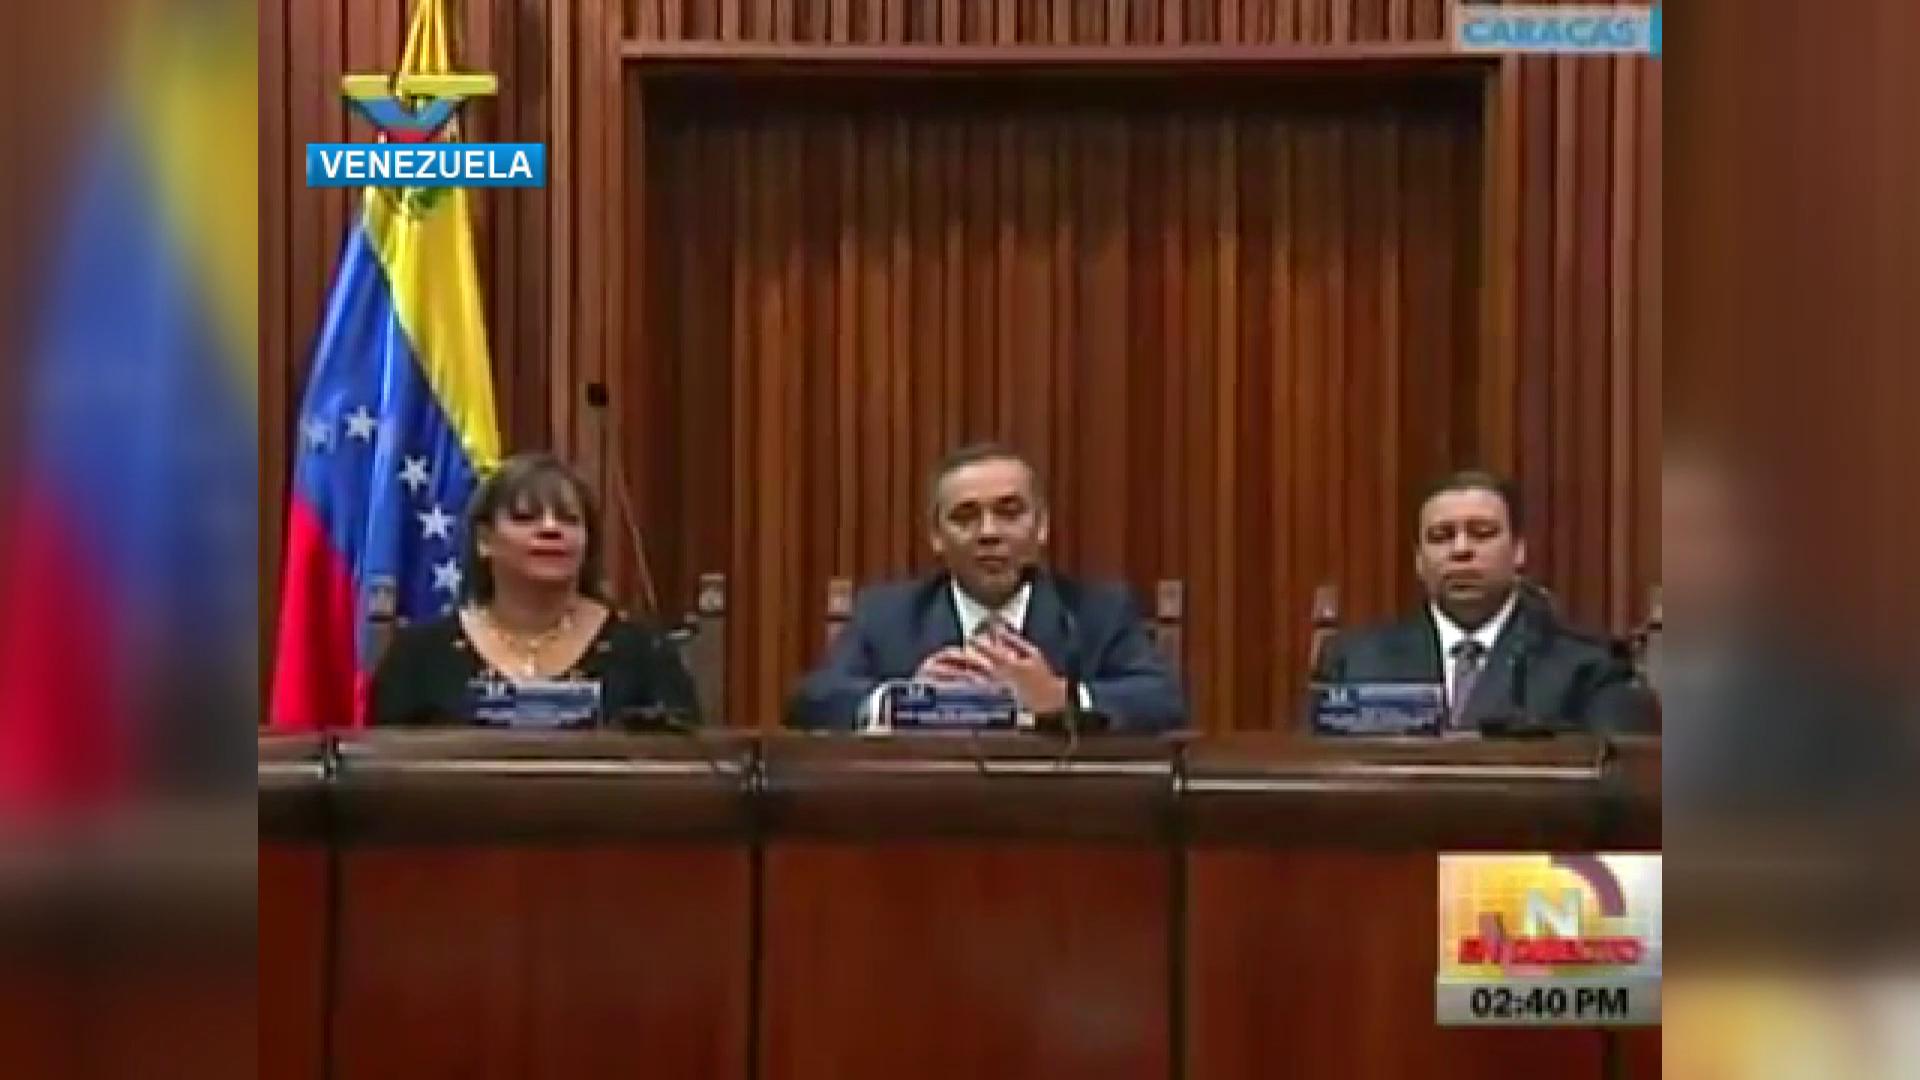 Crisis en Venezuela: Gobierno de Maduro asegura no ha dado golpe de Estado